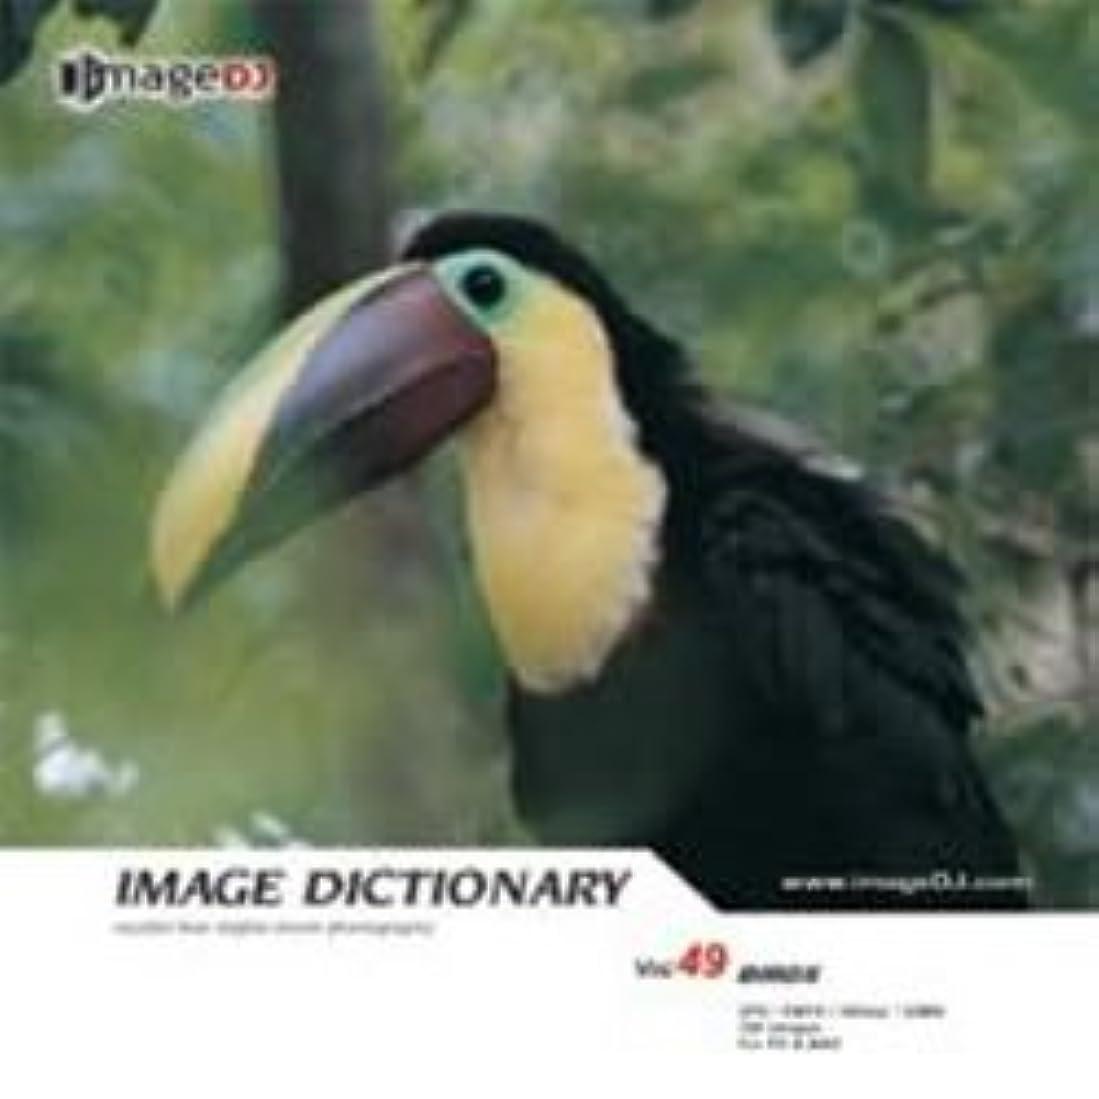 メディア進行中有限イメージ ディクショナリー Vol.49 鳥